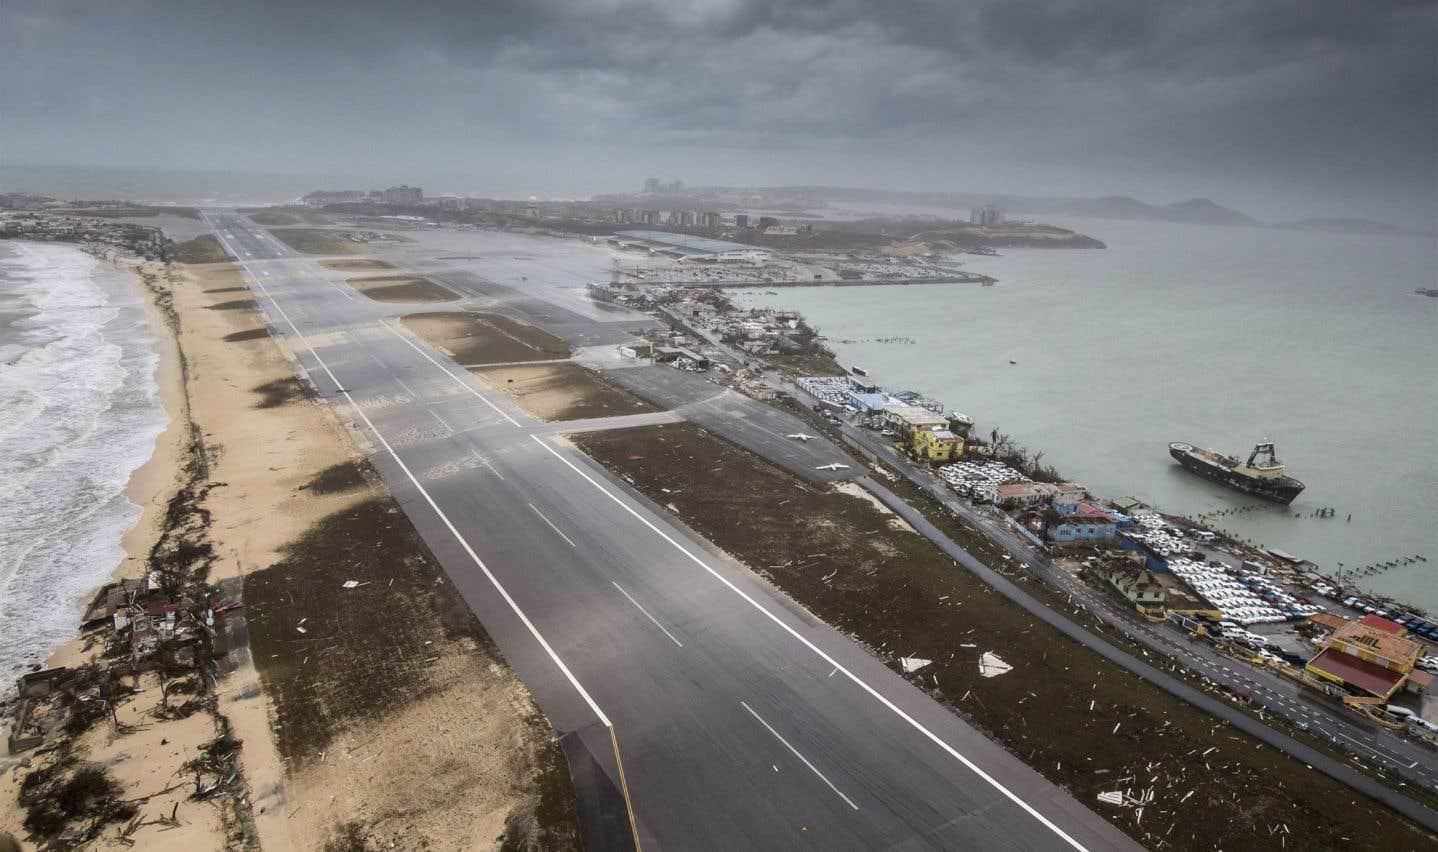 D'importants dommages ont été rapportés à Saint-Martin, une île partagée entre des autorités françaises et néerlandaises (Sint Marten). Sur la photo: l'aéroport international Princess Juliana